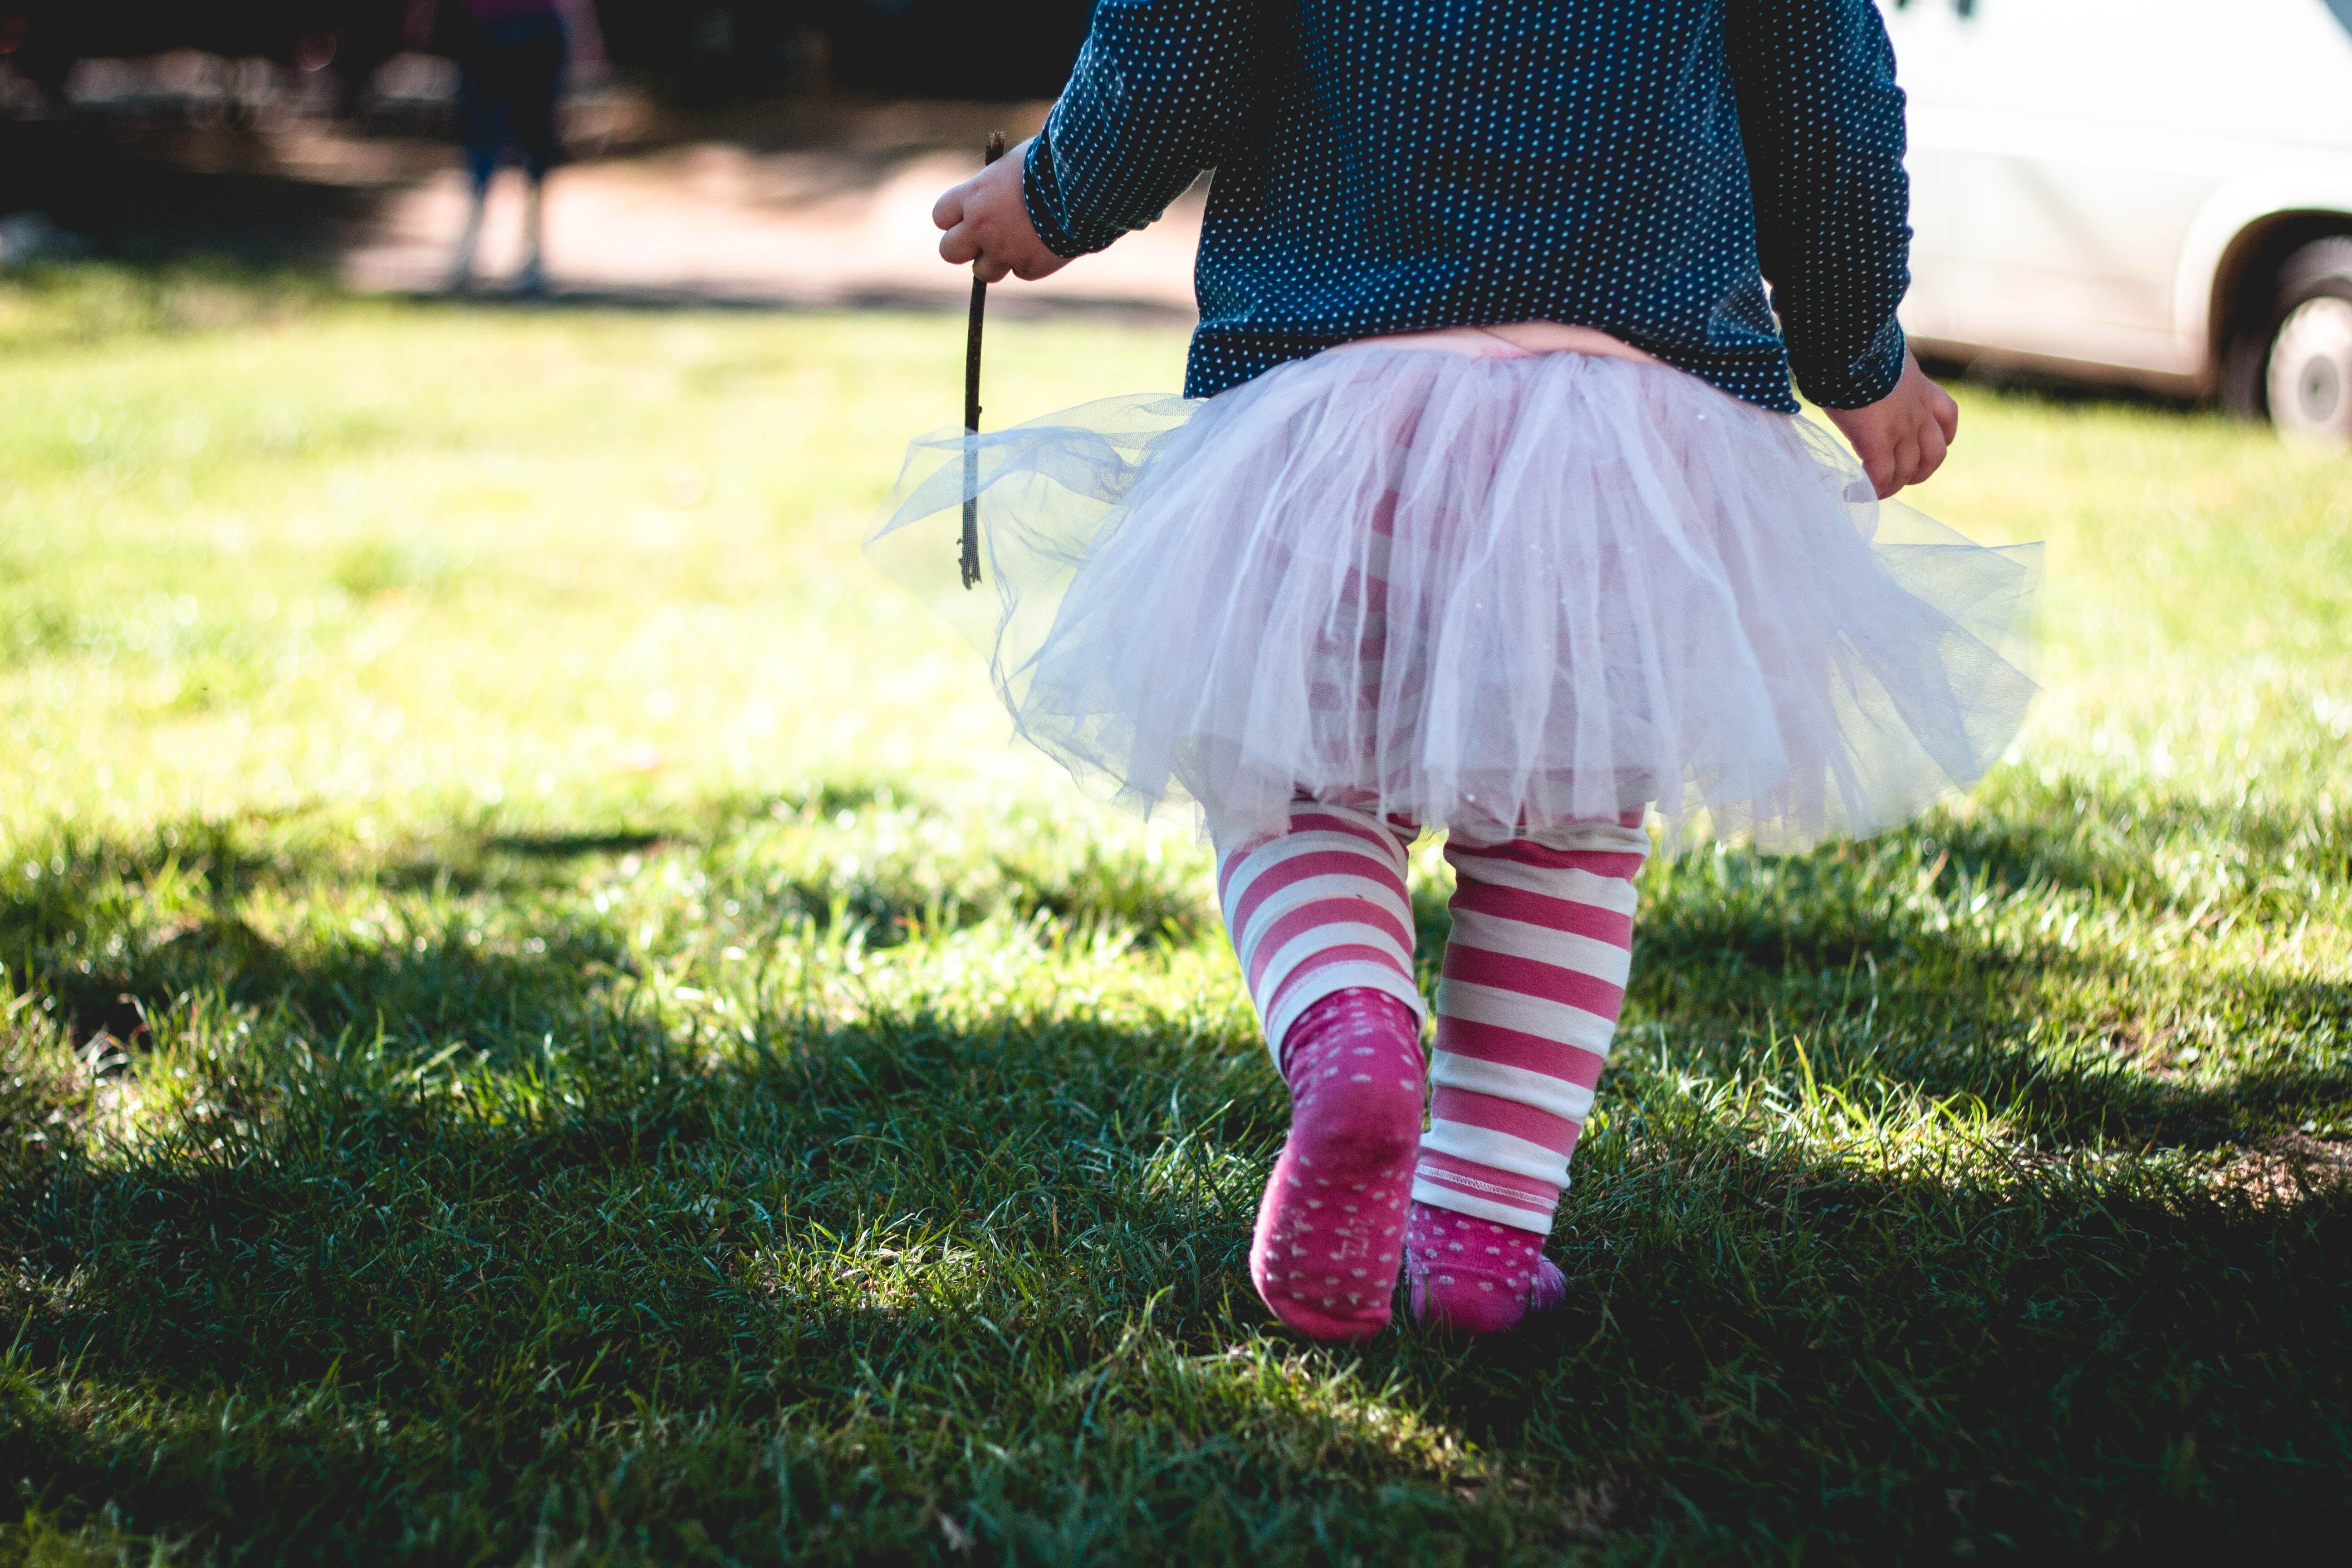 Le arătăm copiilor cum e lumea, dar să îi învăţăm şi cum ar trebui să fie